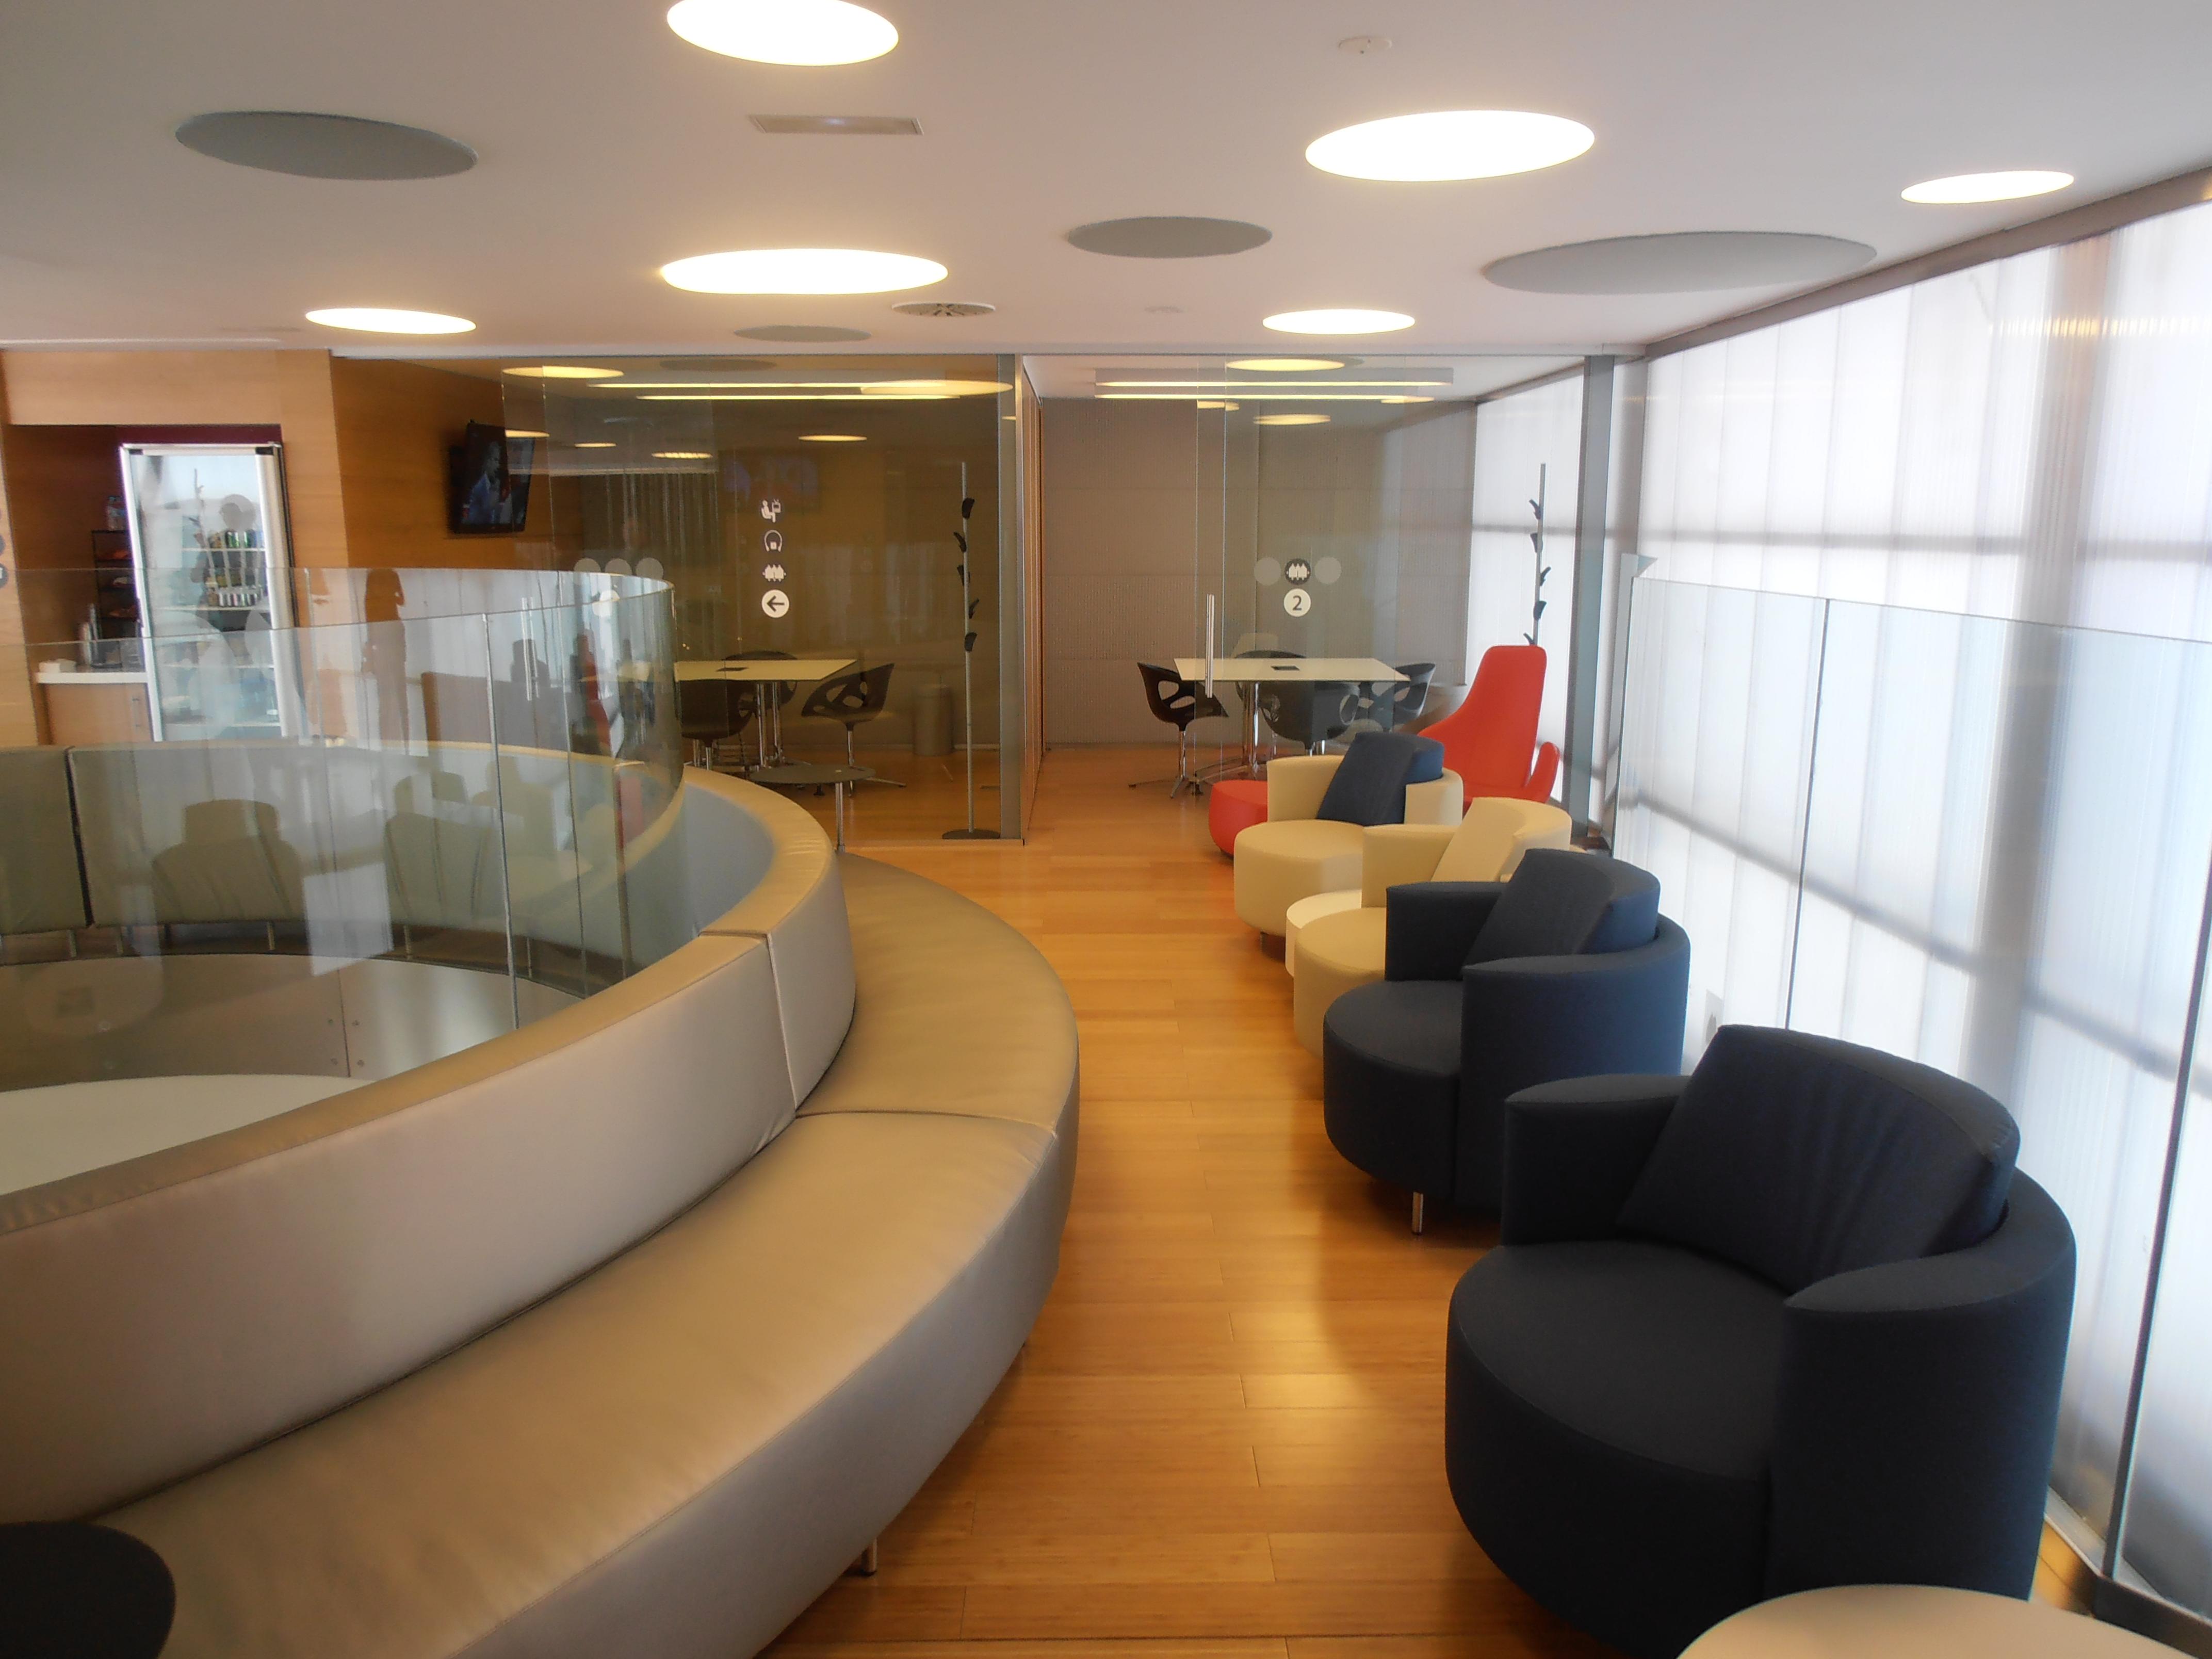 Vista de la parte superior de la Sala Club, donde se aprecian los cómodos sofás y sillones, así como las dos salas de reuniones privadas que pueden utilizarse para trabajo.